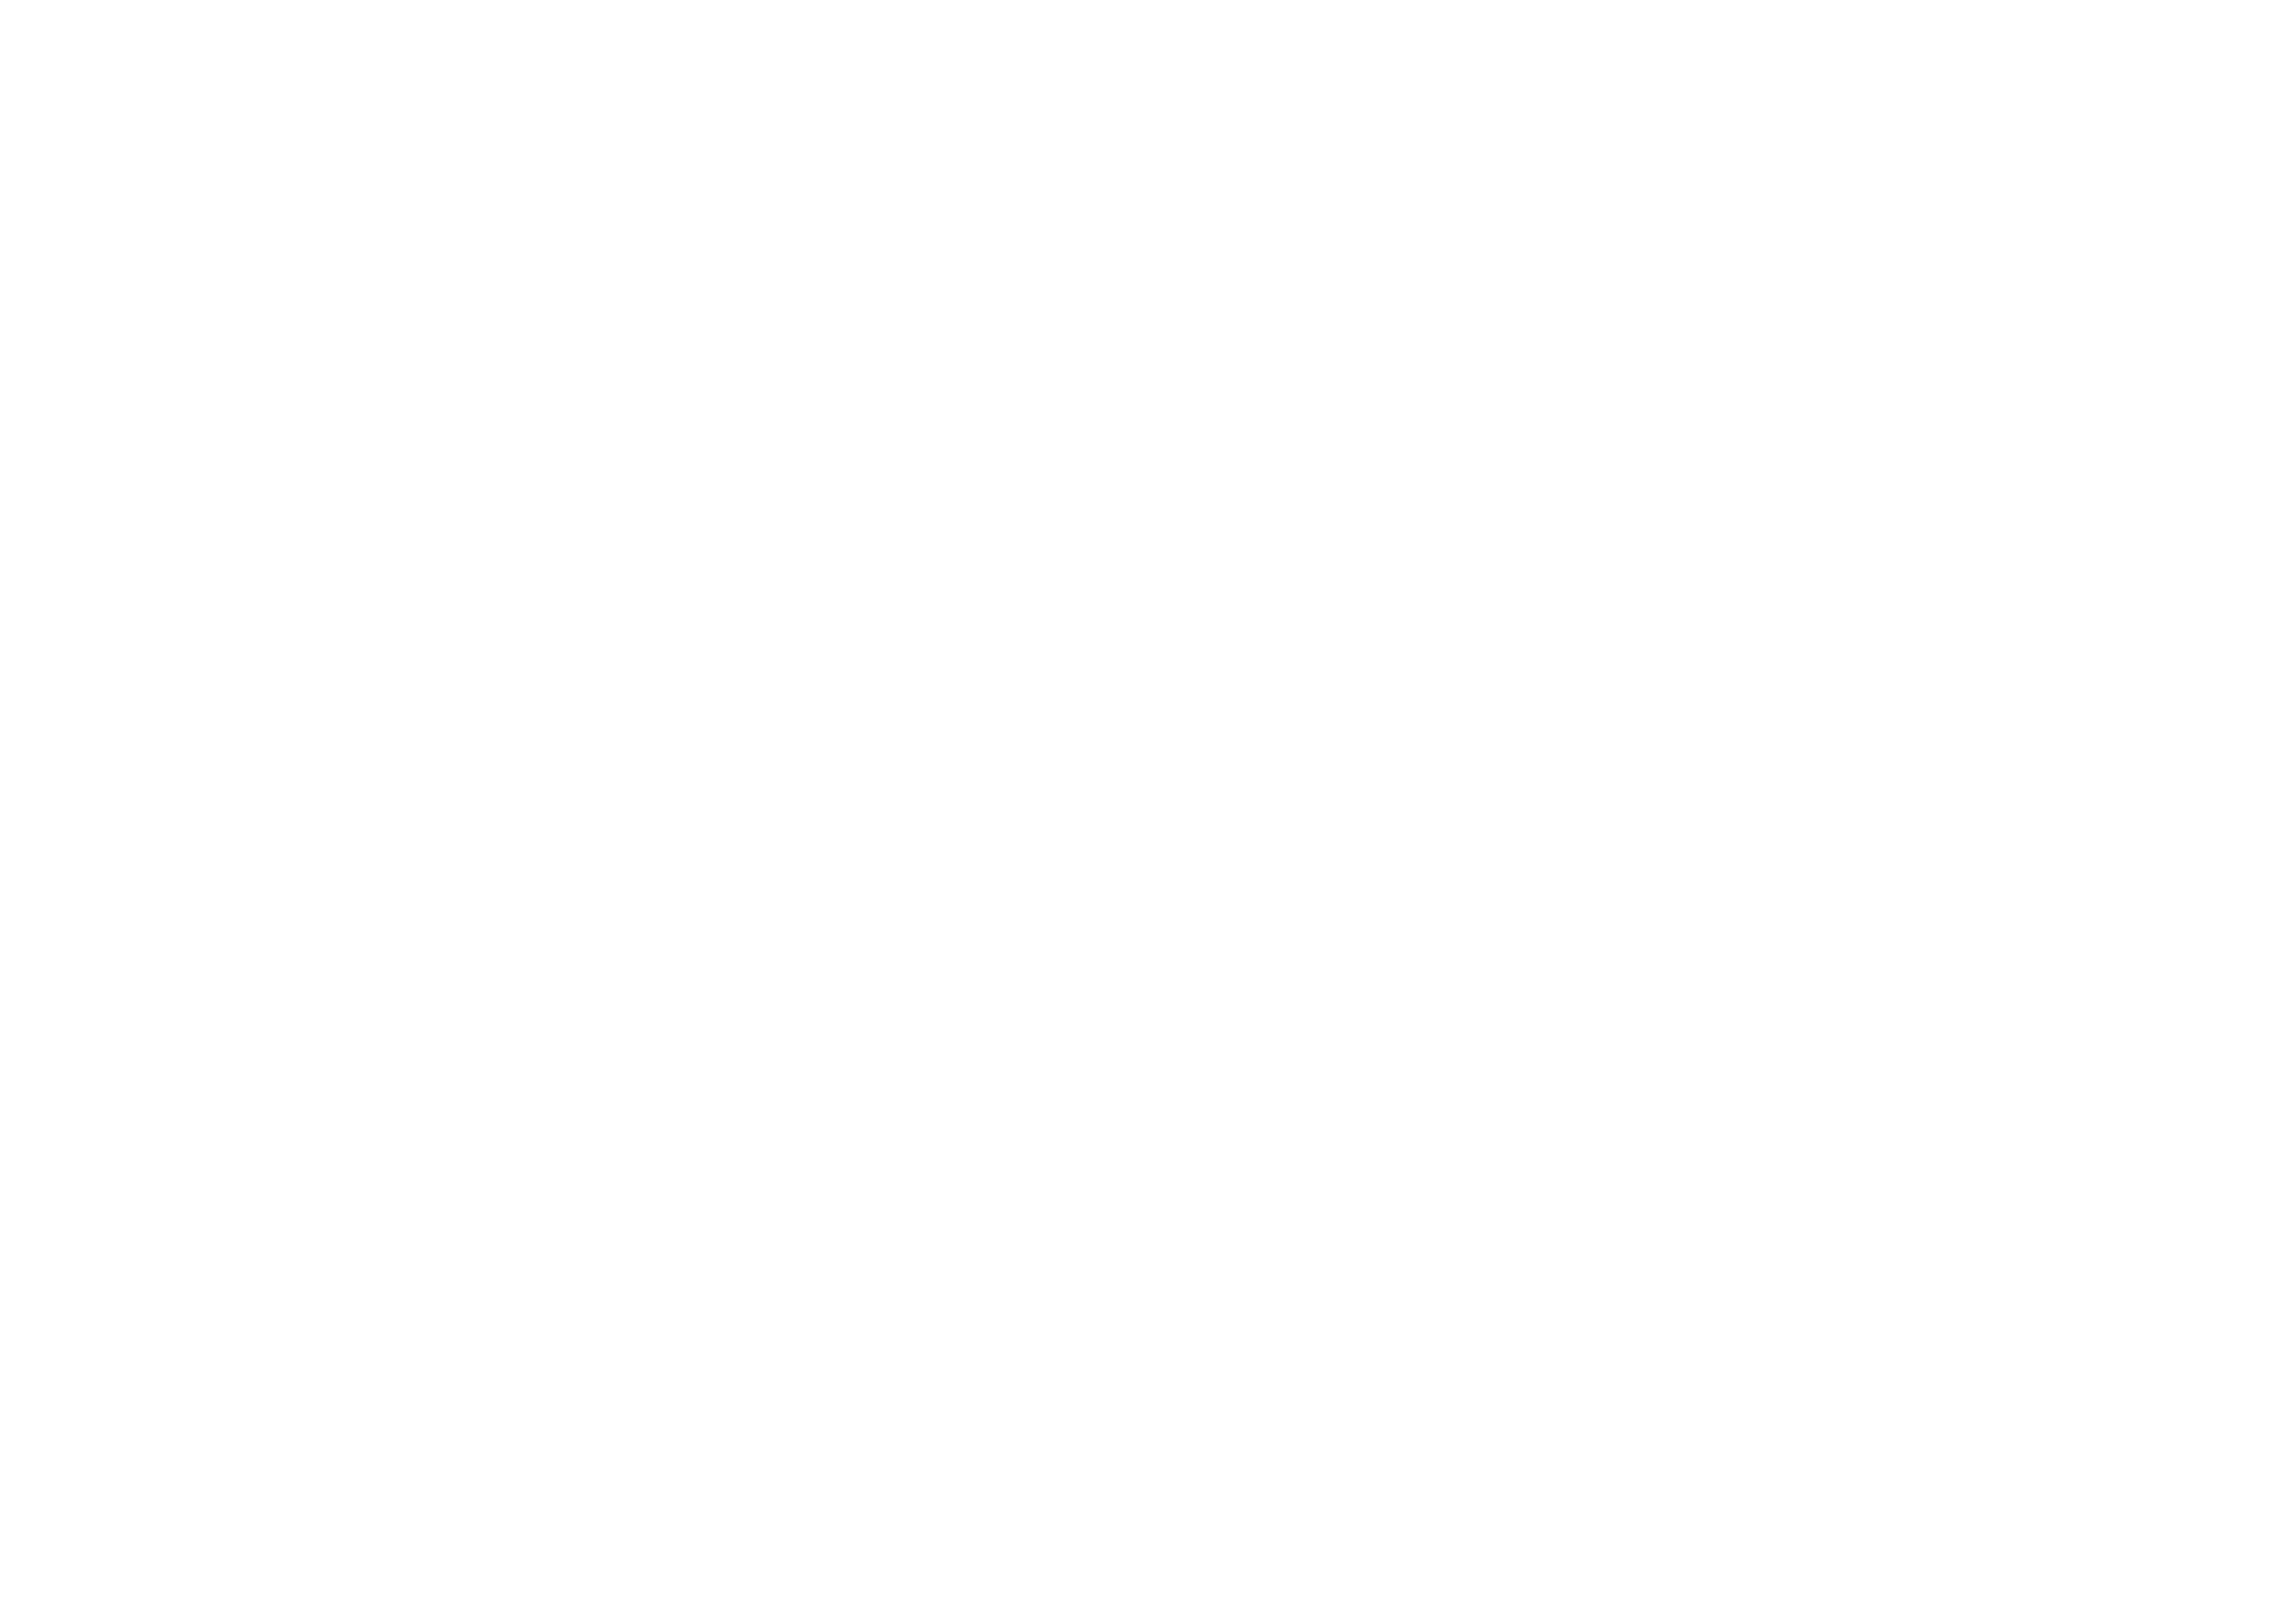 paço de arcos, oeiras   data de projecto/  project date : 2017-2019  data de obra/  construction date : 2019-  área do lote/  plot area:  2903,00 m2  área de implantação/  deployment area : 256,05 m2  cliente/  client : rita e joão araújo  projectistas/  design :  joão navas  catarina almeida  colaboradores/  project team :  miguel bryant-jorge  michalina frątczak  mafalda marques  serban anghel